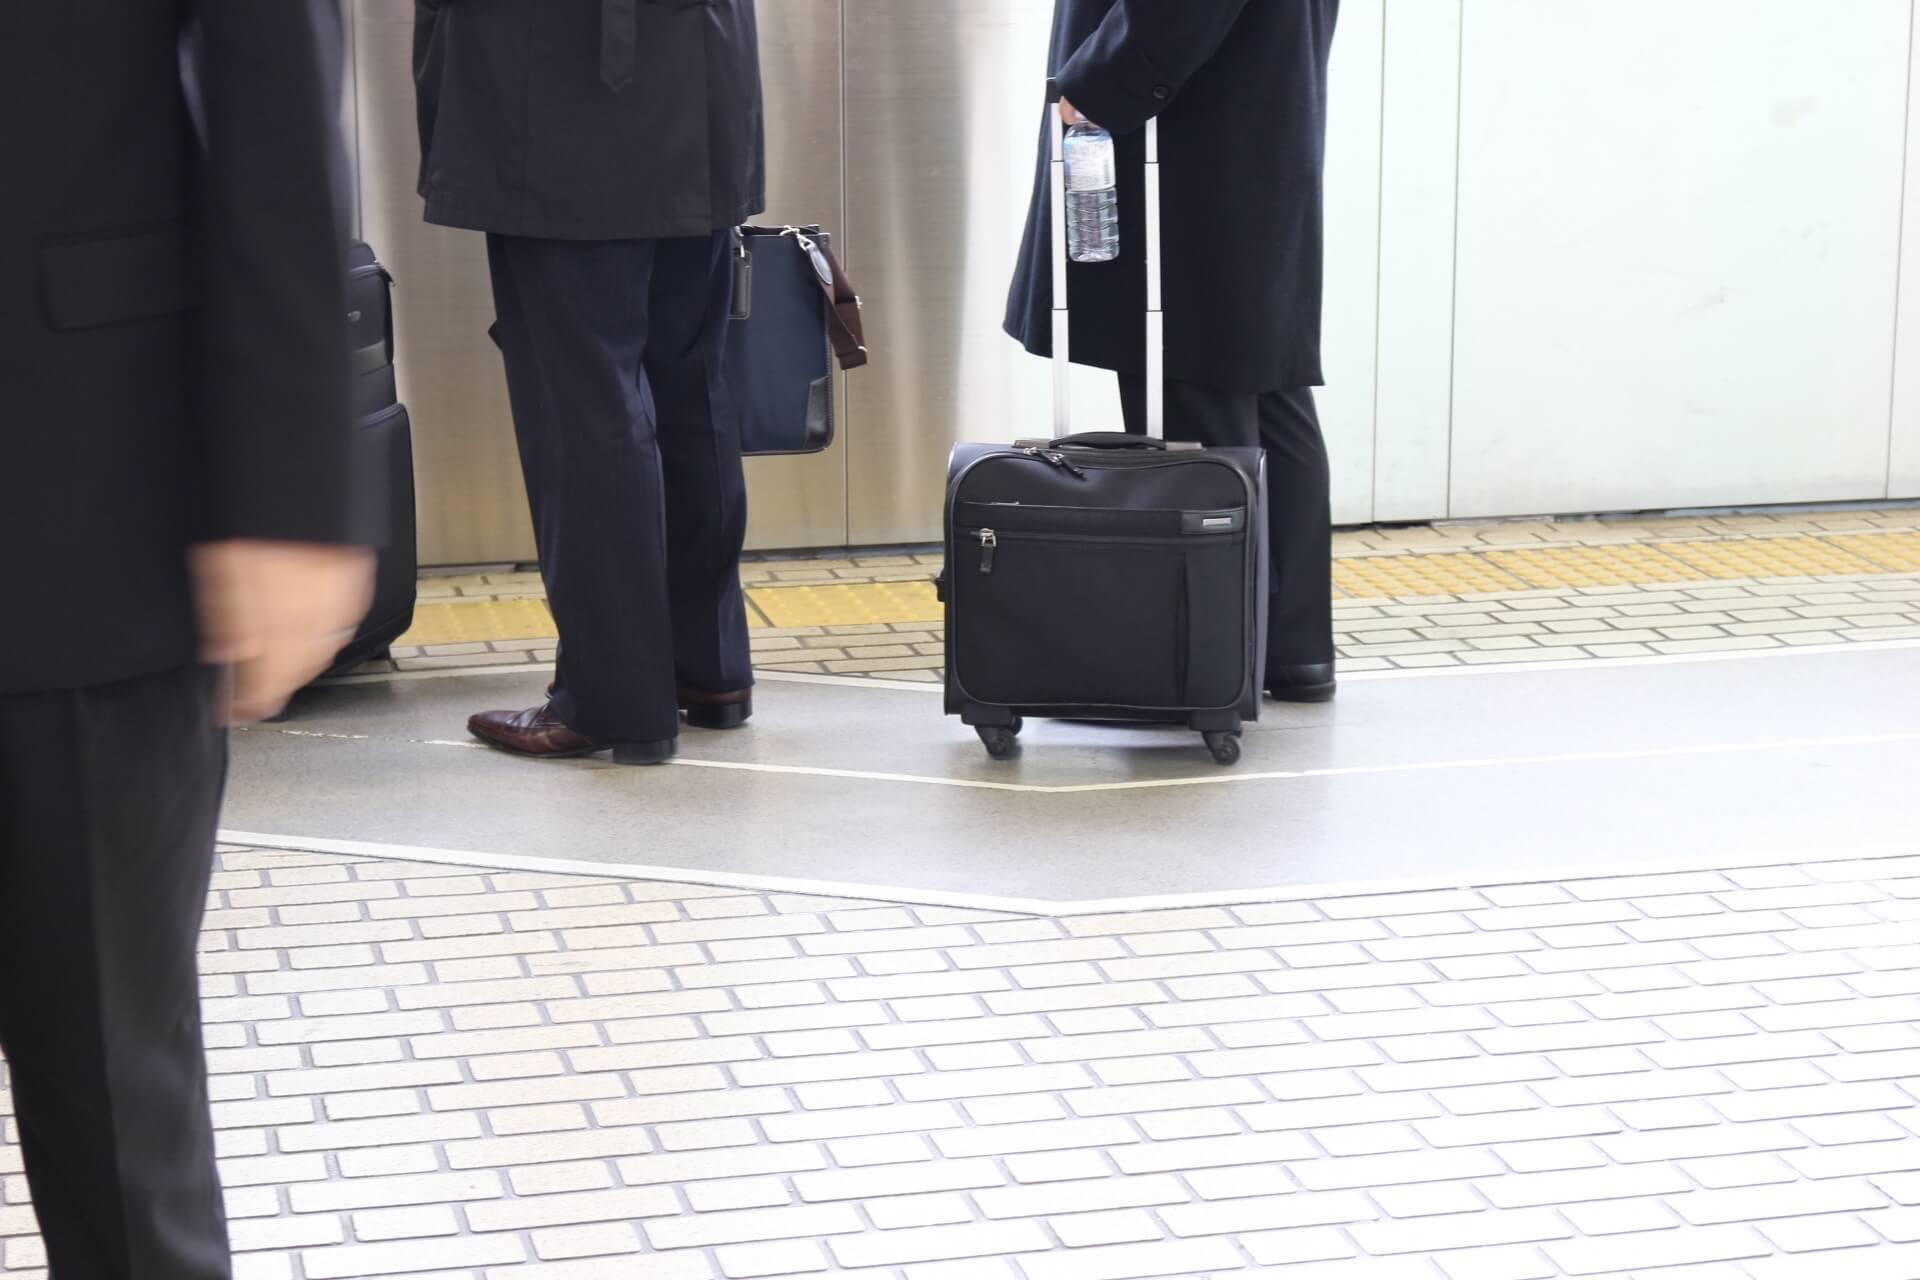 駅のホームでスーツを着た男性がスーツケースと一緒に並ぶ様子。